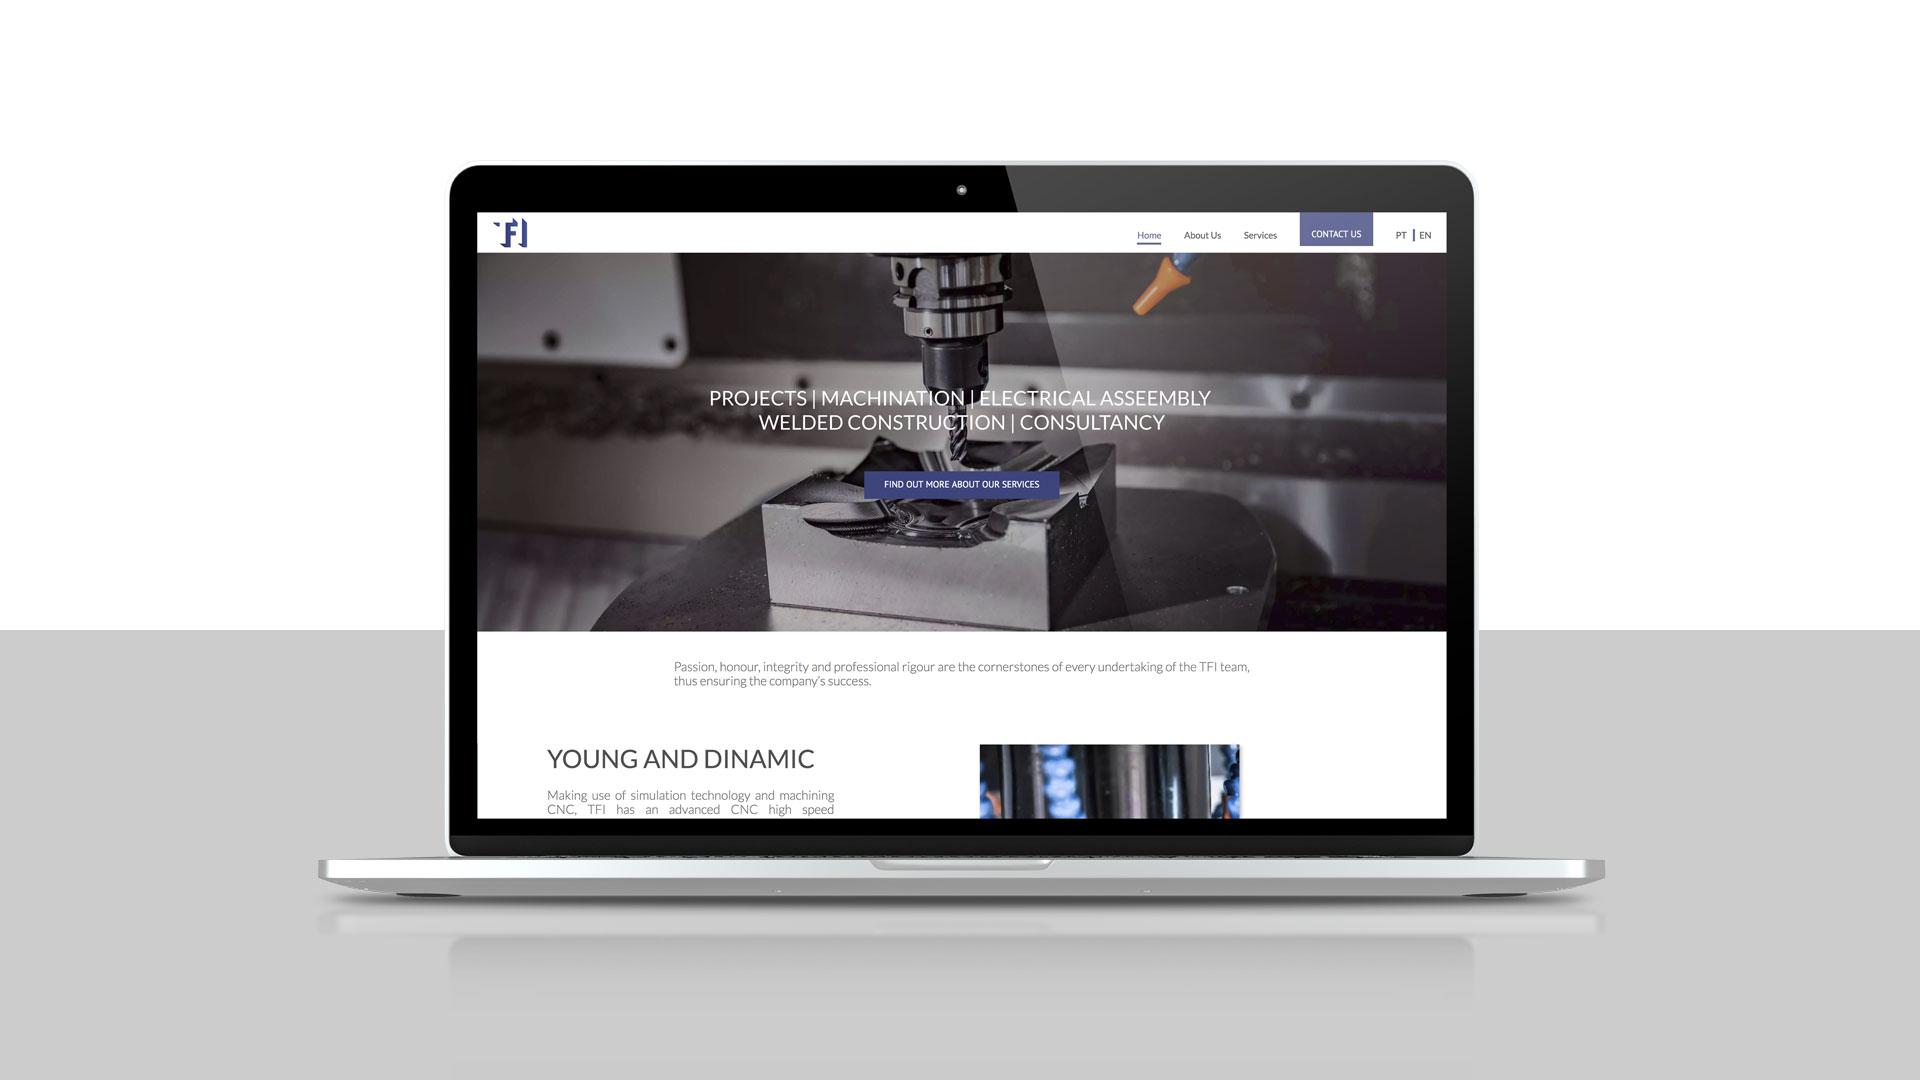 TFI desenvolvimento do mockup web design